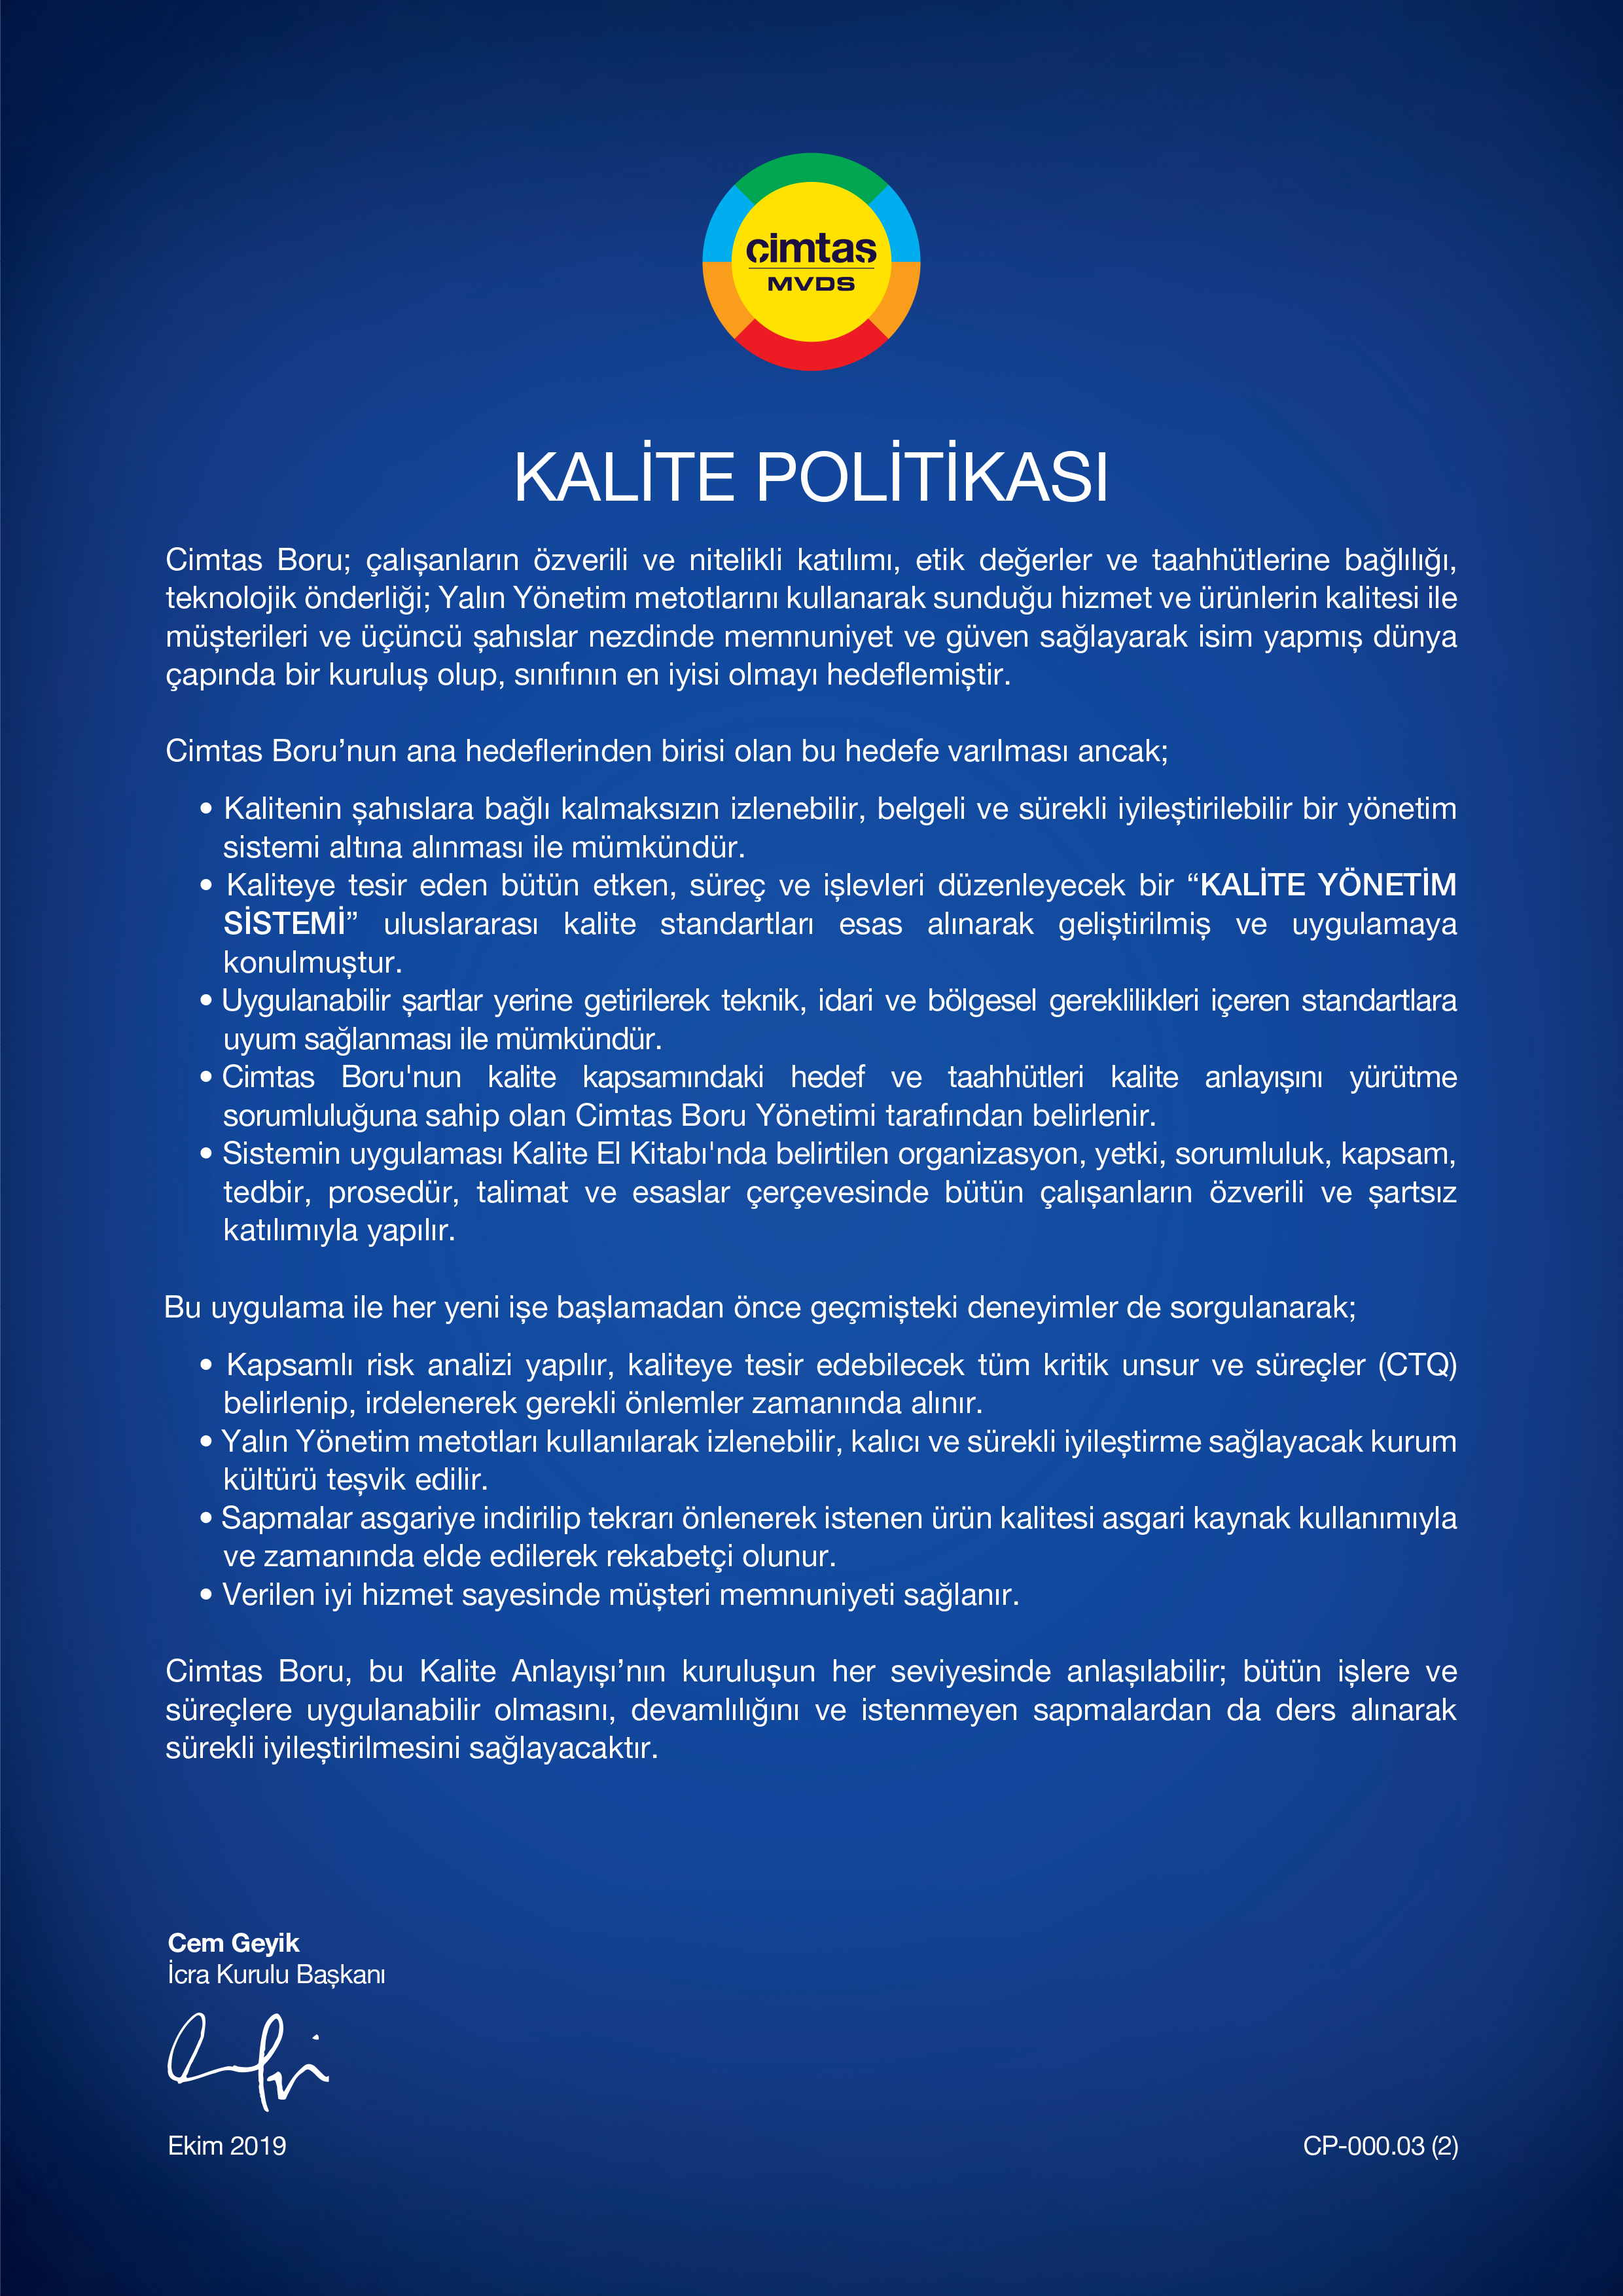 Kalite Politikasi_TR